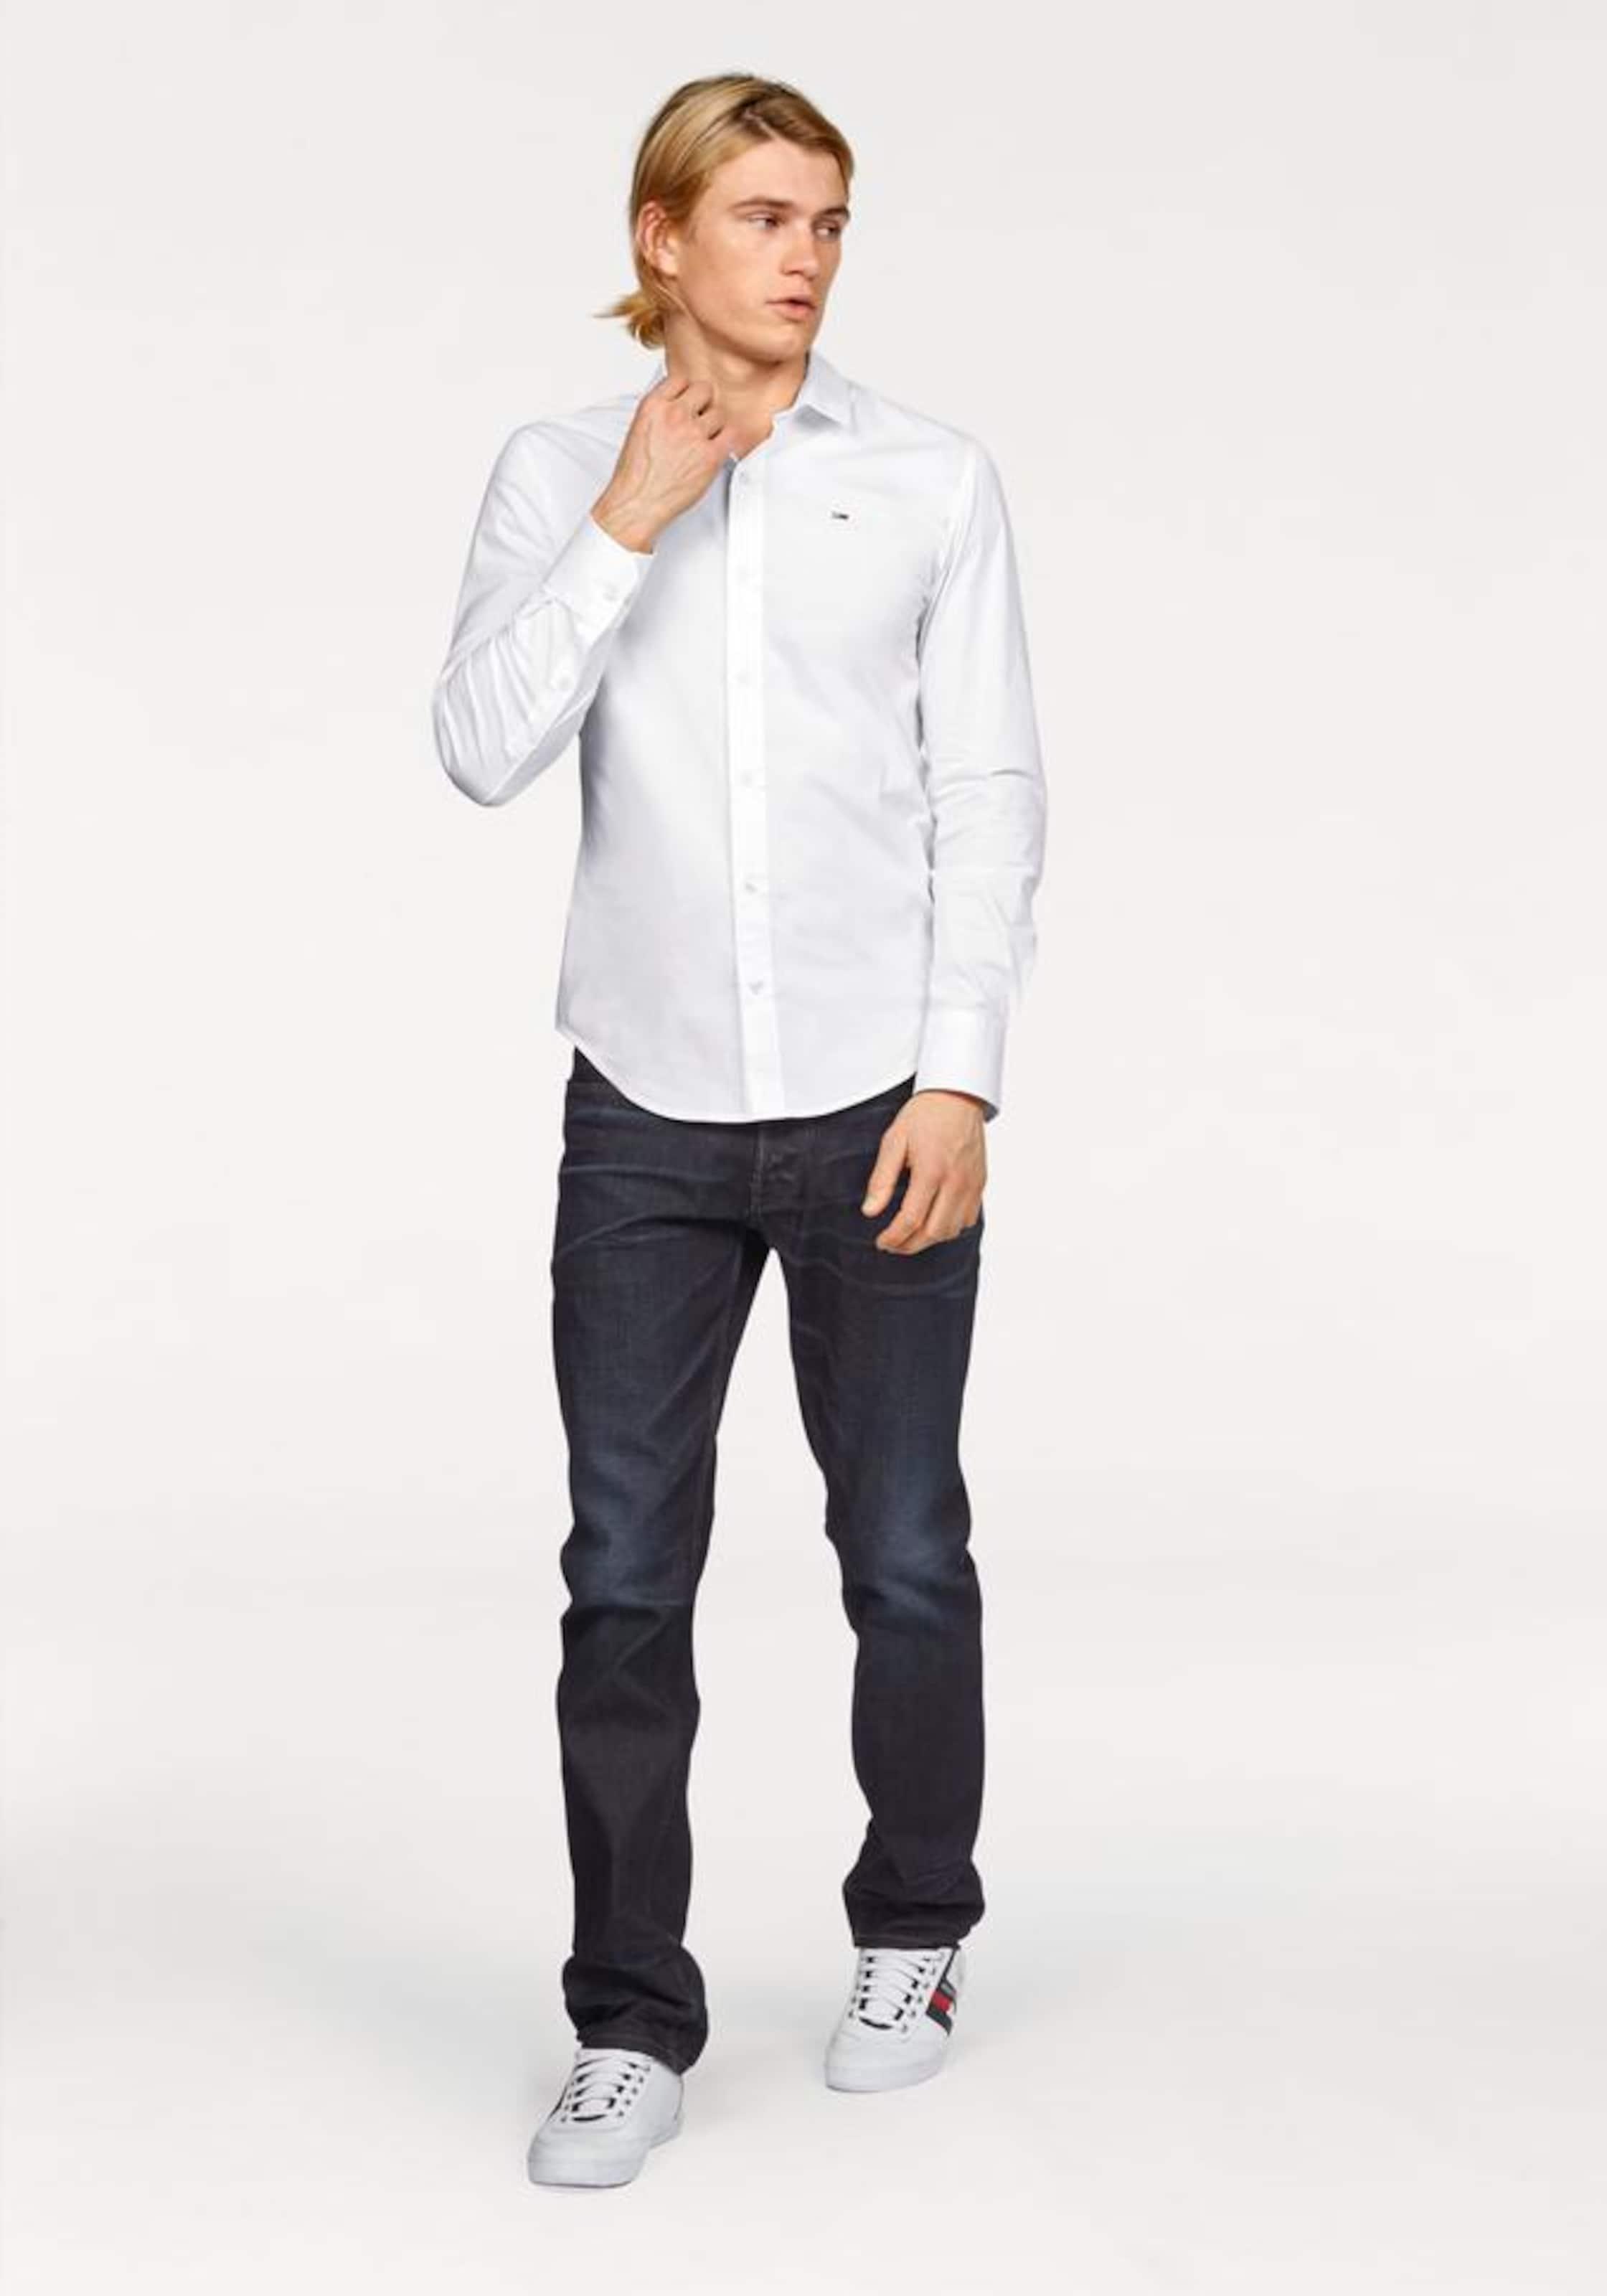 Tommy Jeans Hemd Manchester Großer Verkauf Zum Verkauf Neue Ankunft Günstig Online Auslass Ausgezeichnet i7m6LwypBp